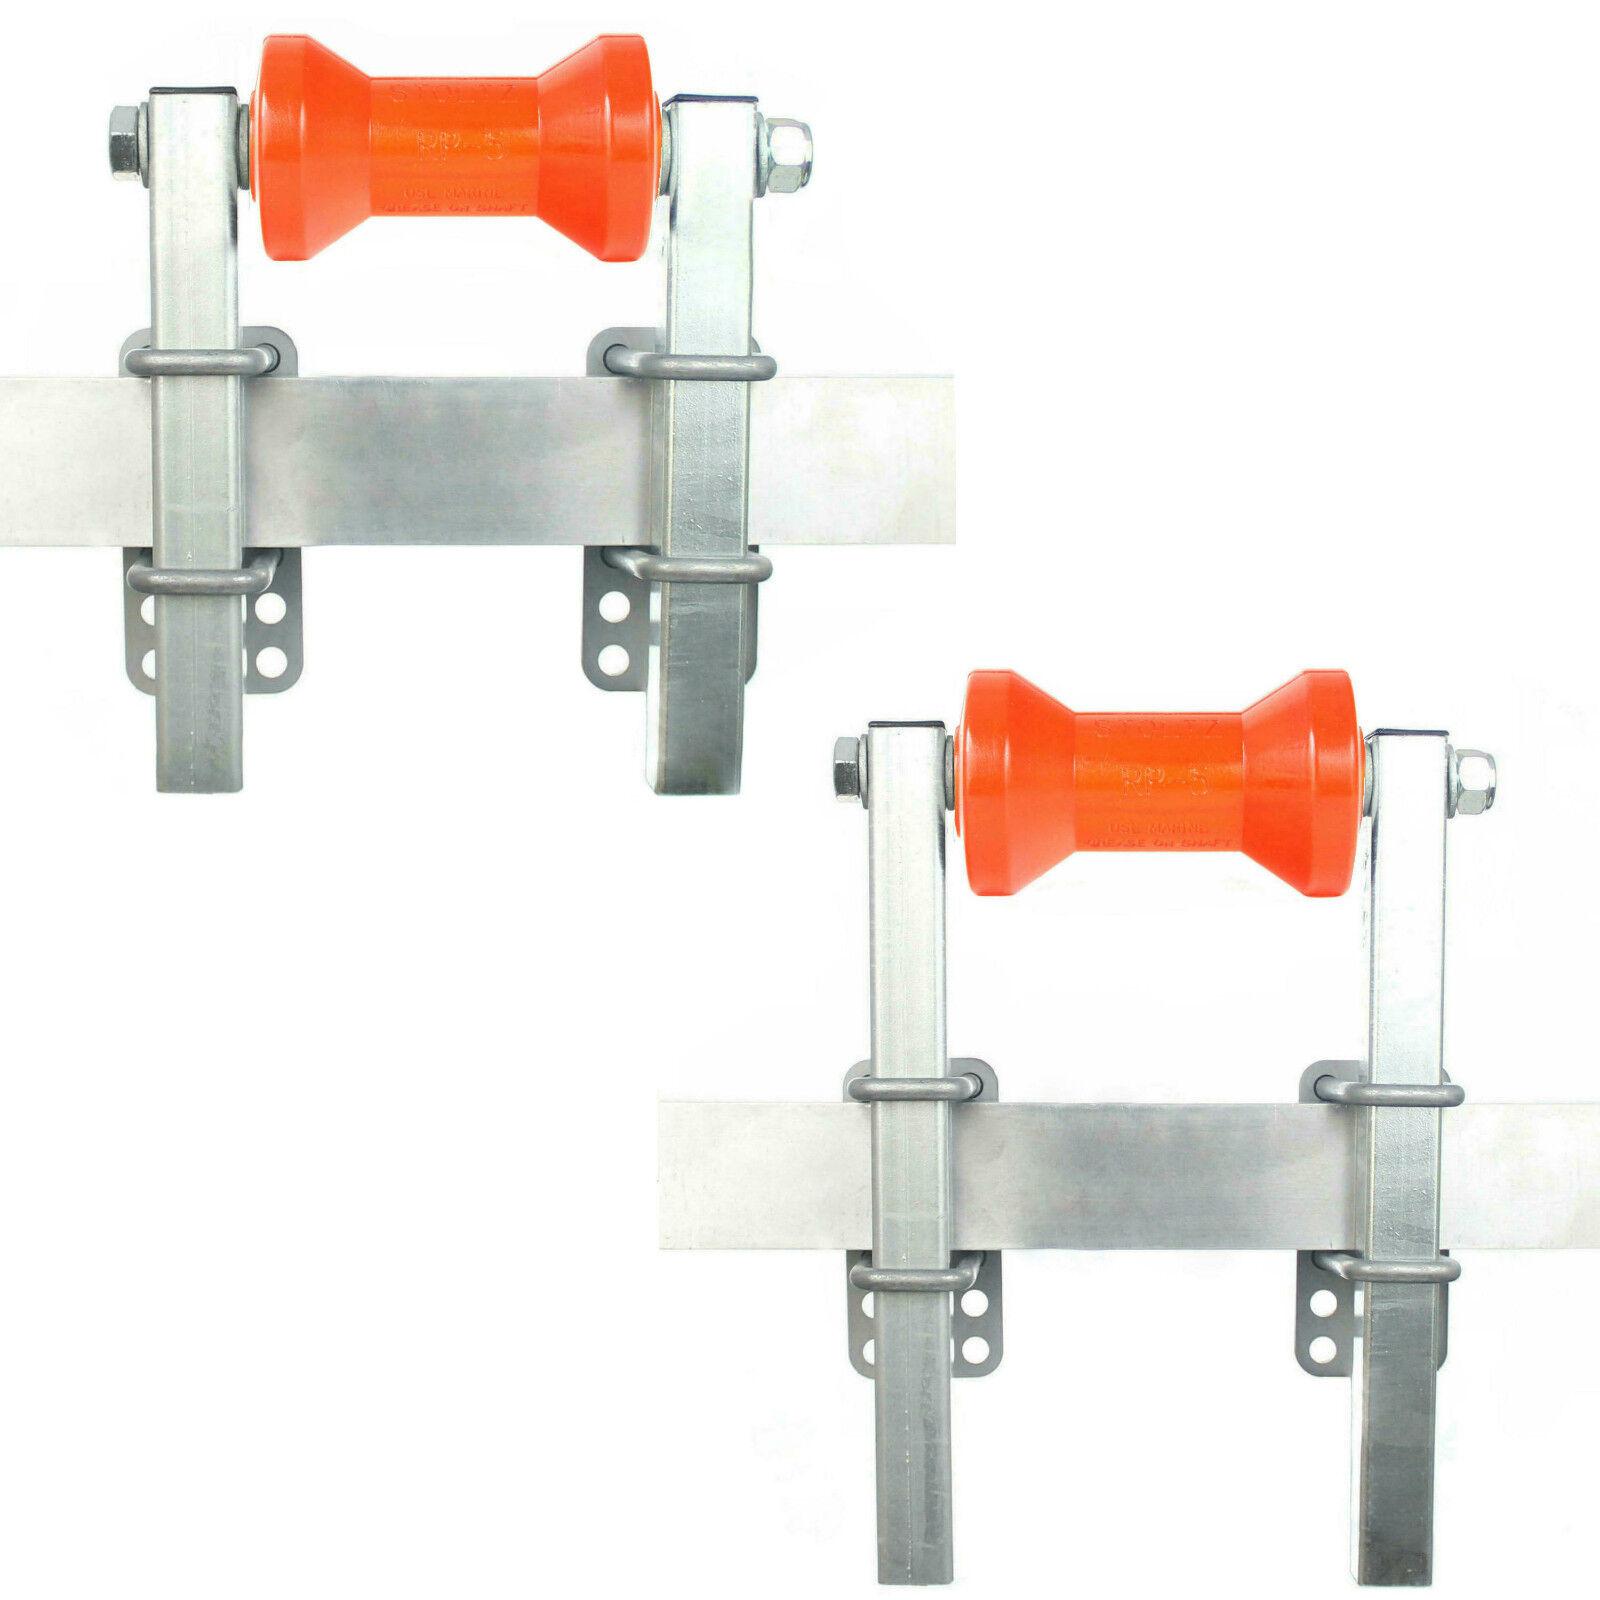 ⚓ Kielrolle mit Halter / Stoltz RP-5  ➔ stufenlos  | Kielrolle Polyurethan PU